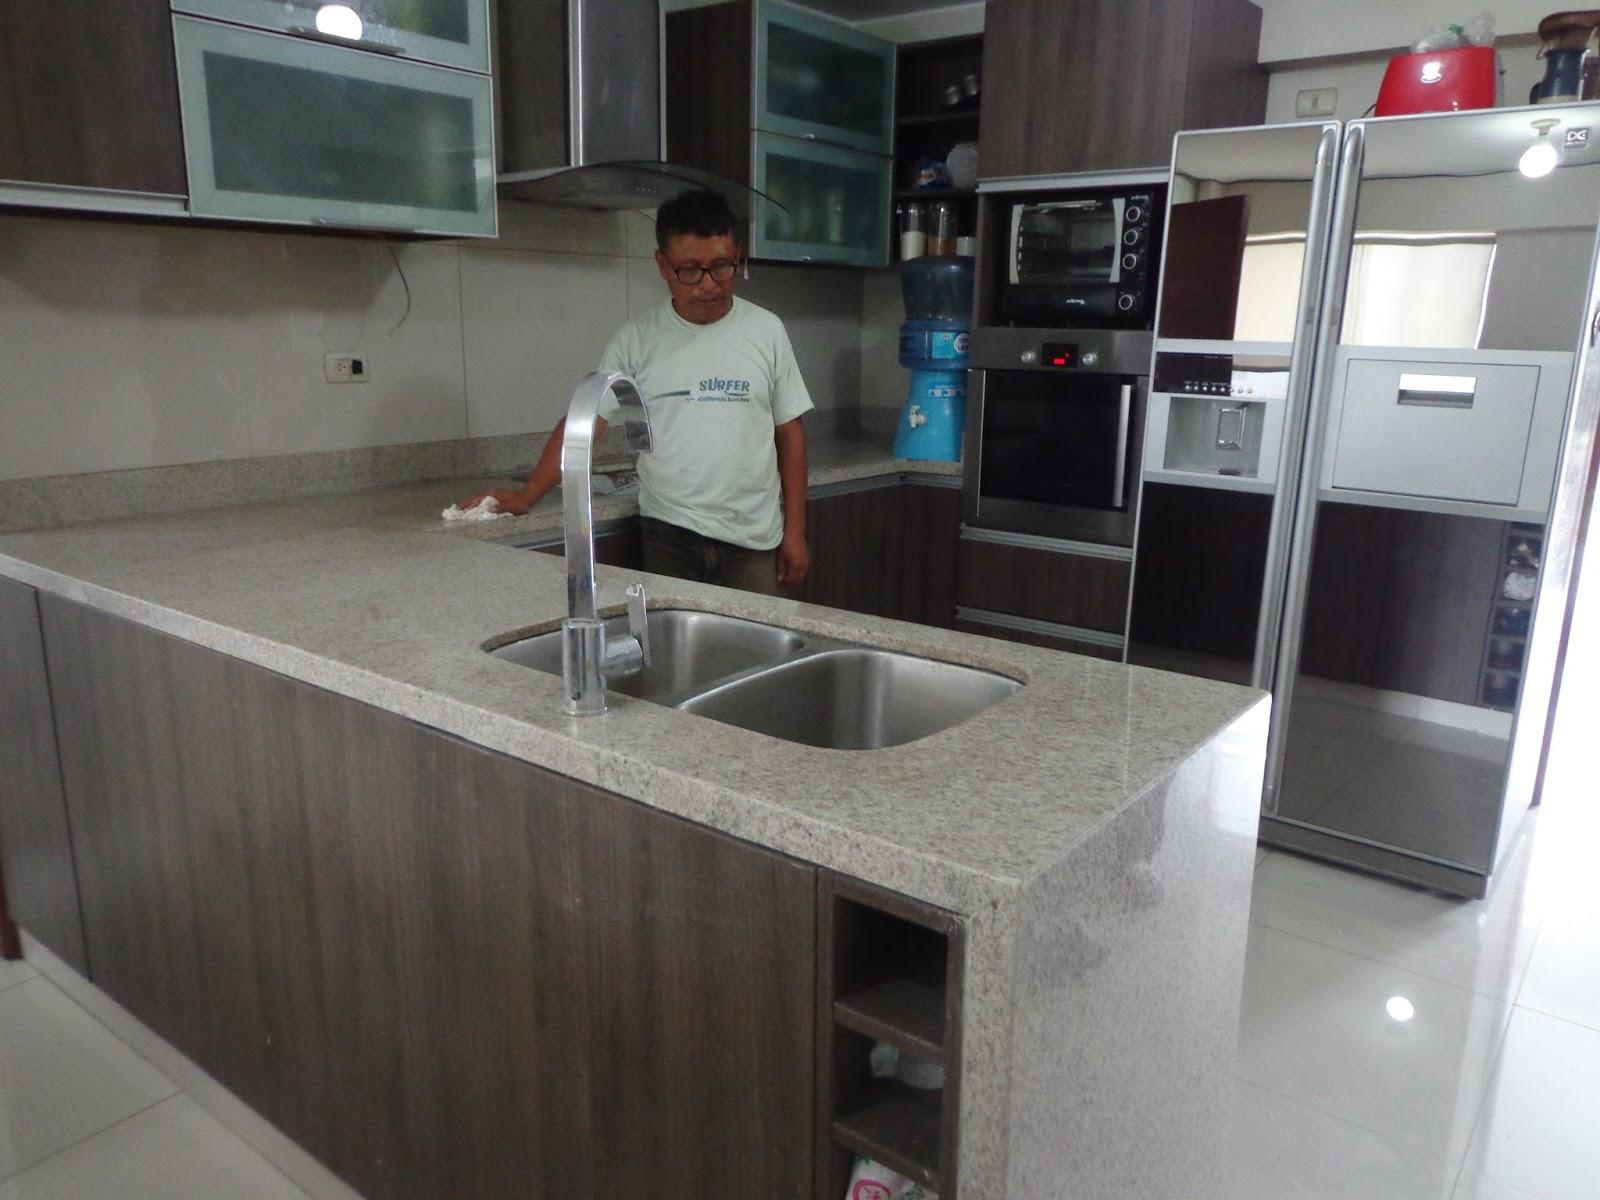 Islas cocina granito mantenimiento limpieza for Islas de cocina y camareras